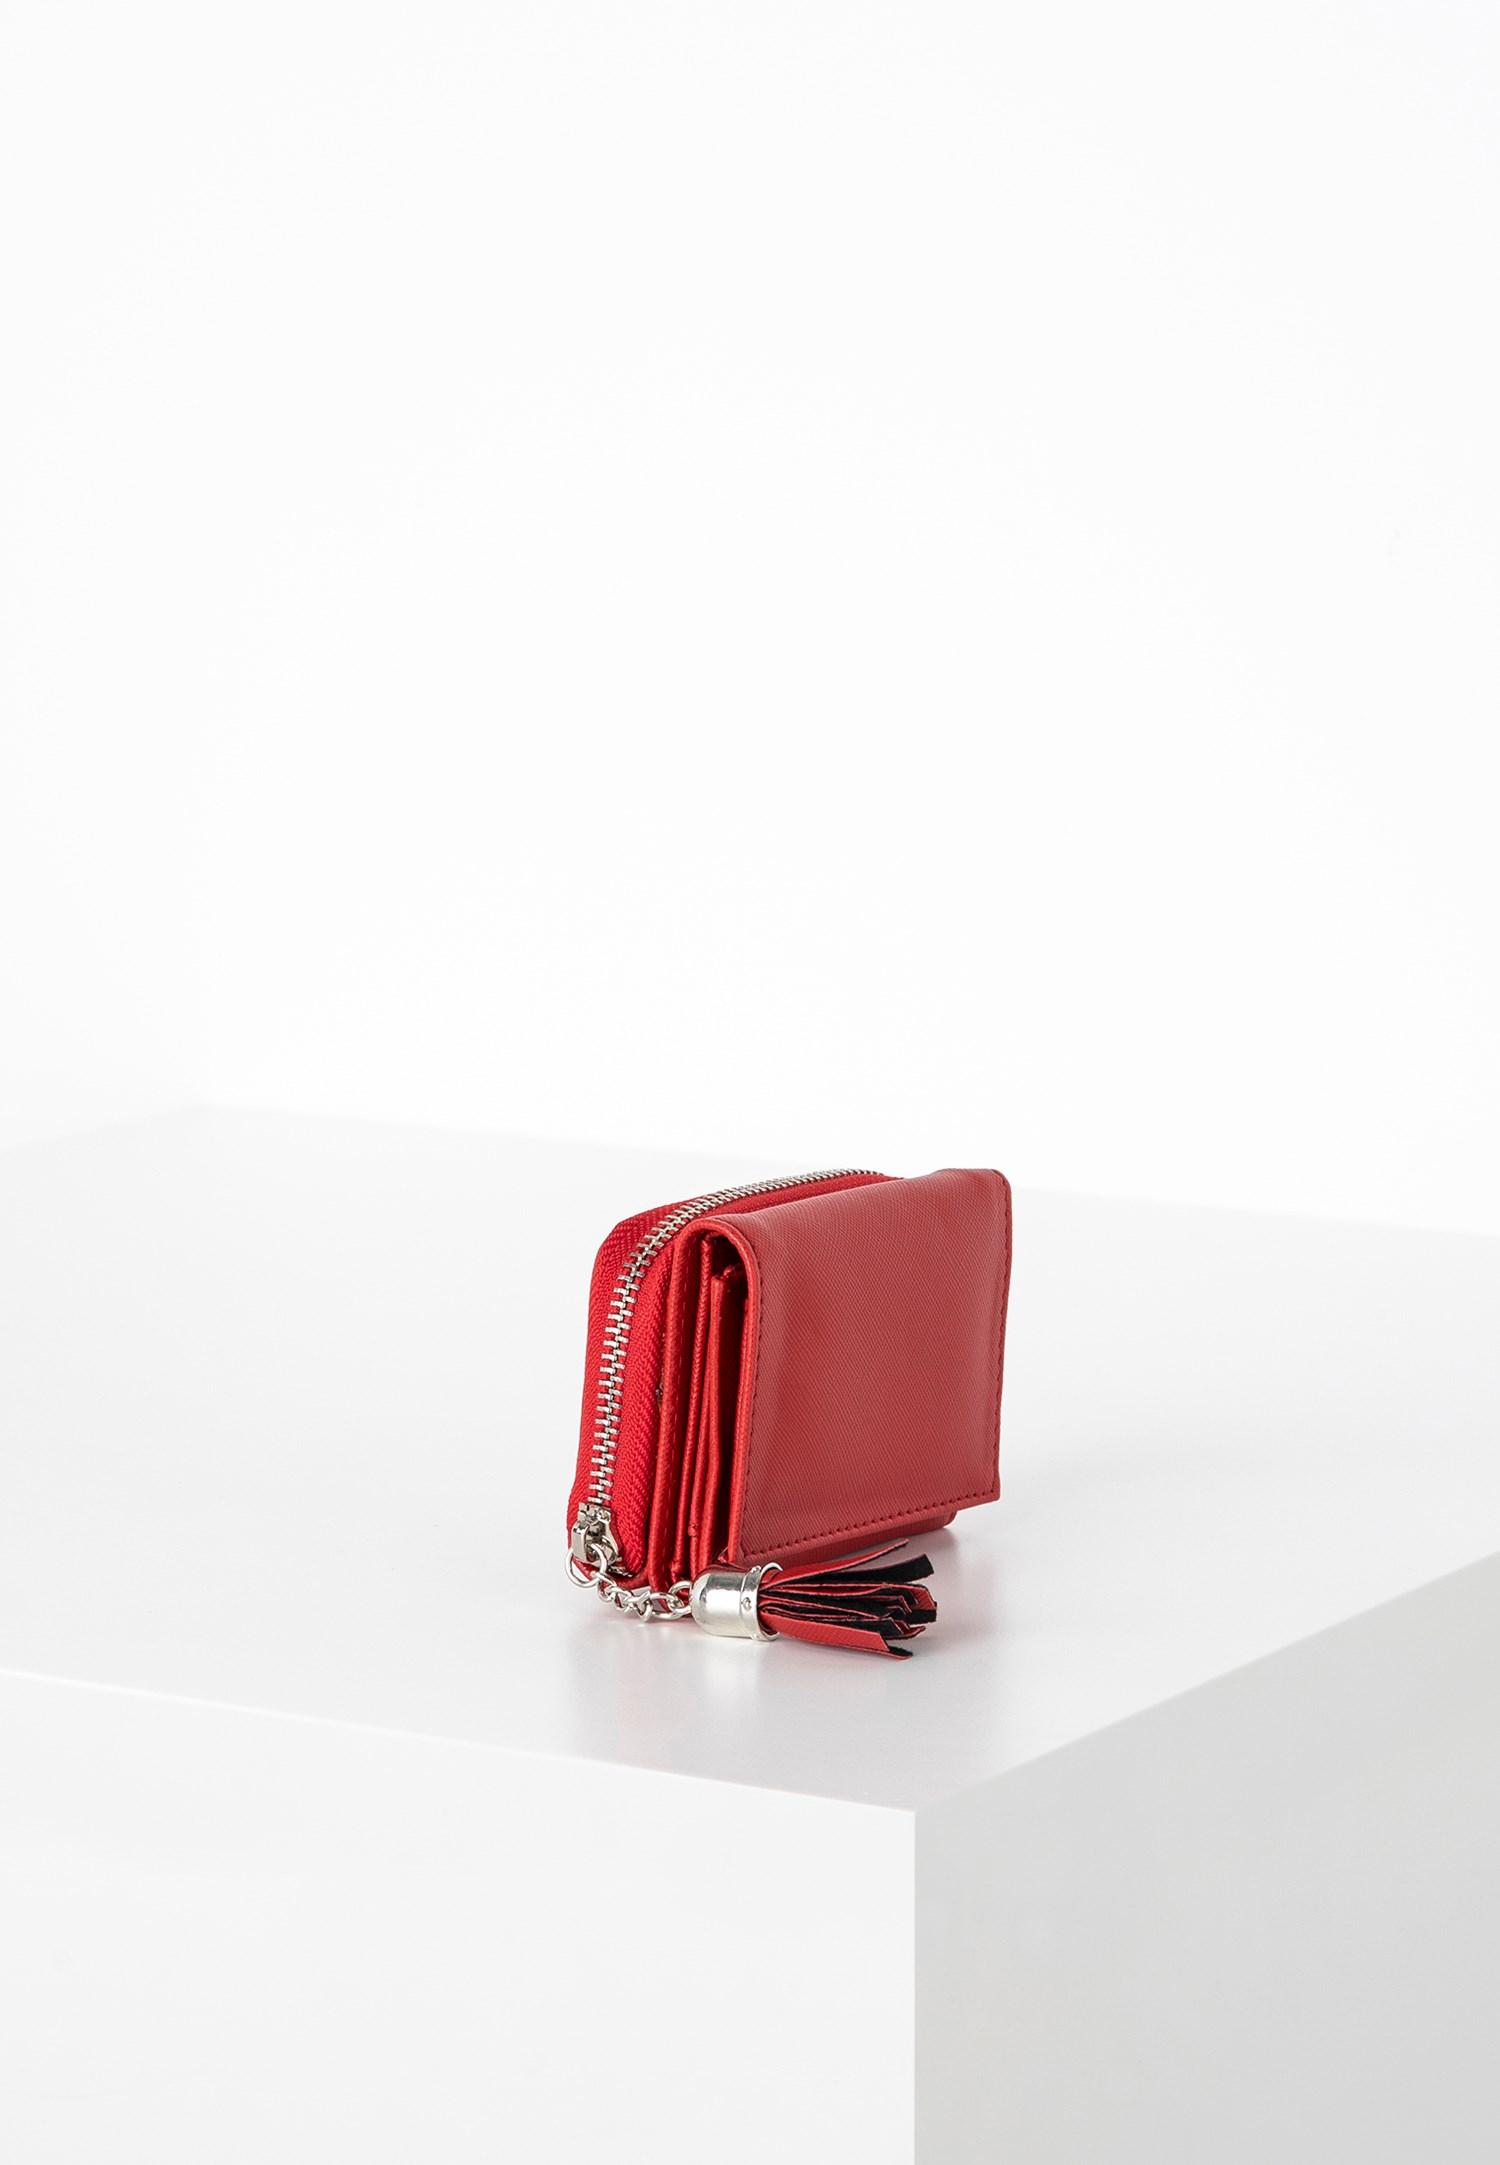 Bayan Kırmızı Püskül Detaylı Küçük Cüzdan